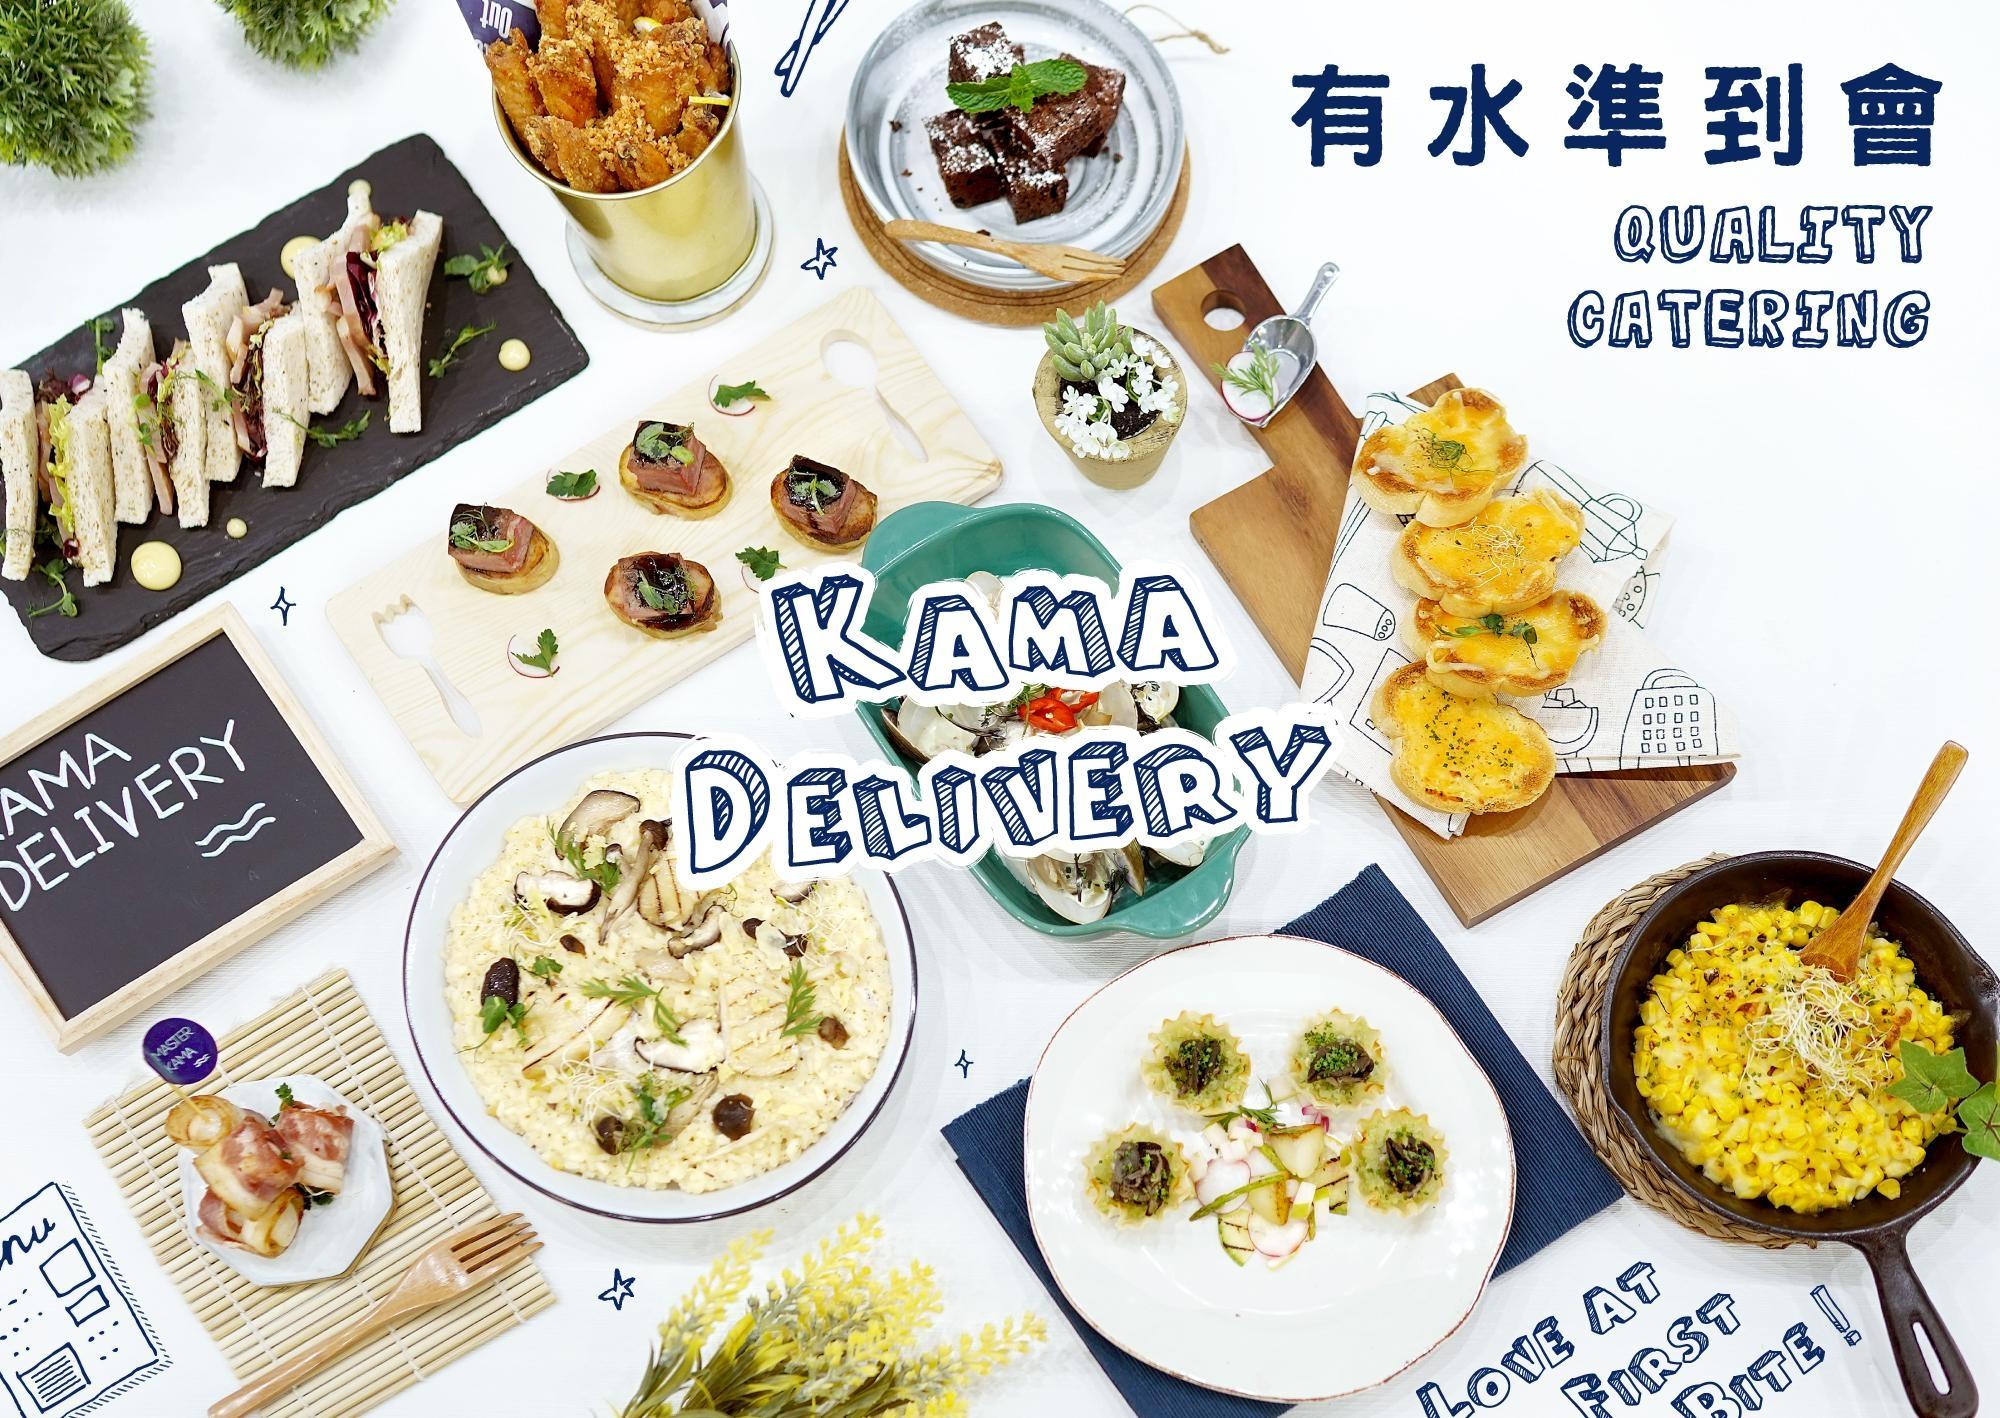 有水準到會.推介首選 Kama Delivery為各位炮製多款到會套餐、派對小食、精緻主菜、特色飲品等等,外賣至全港各區!